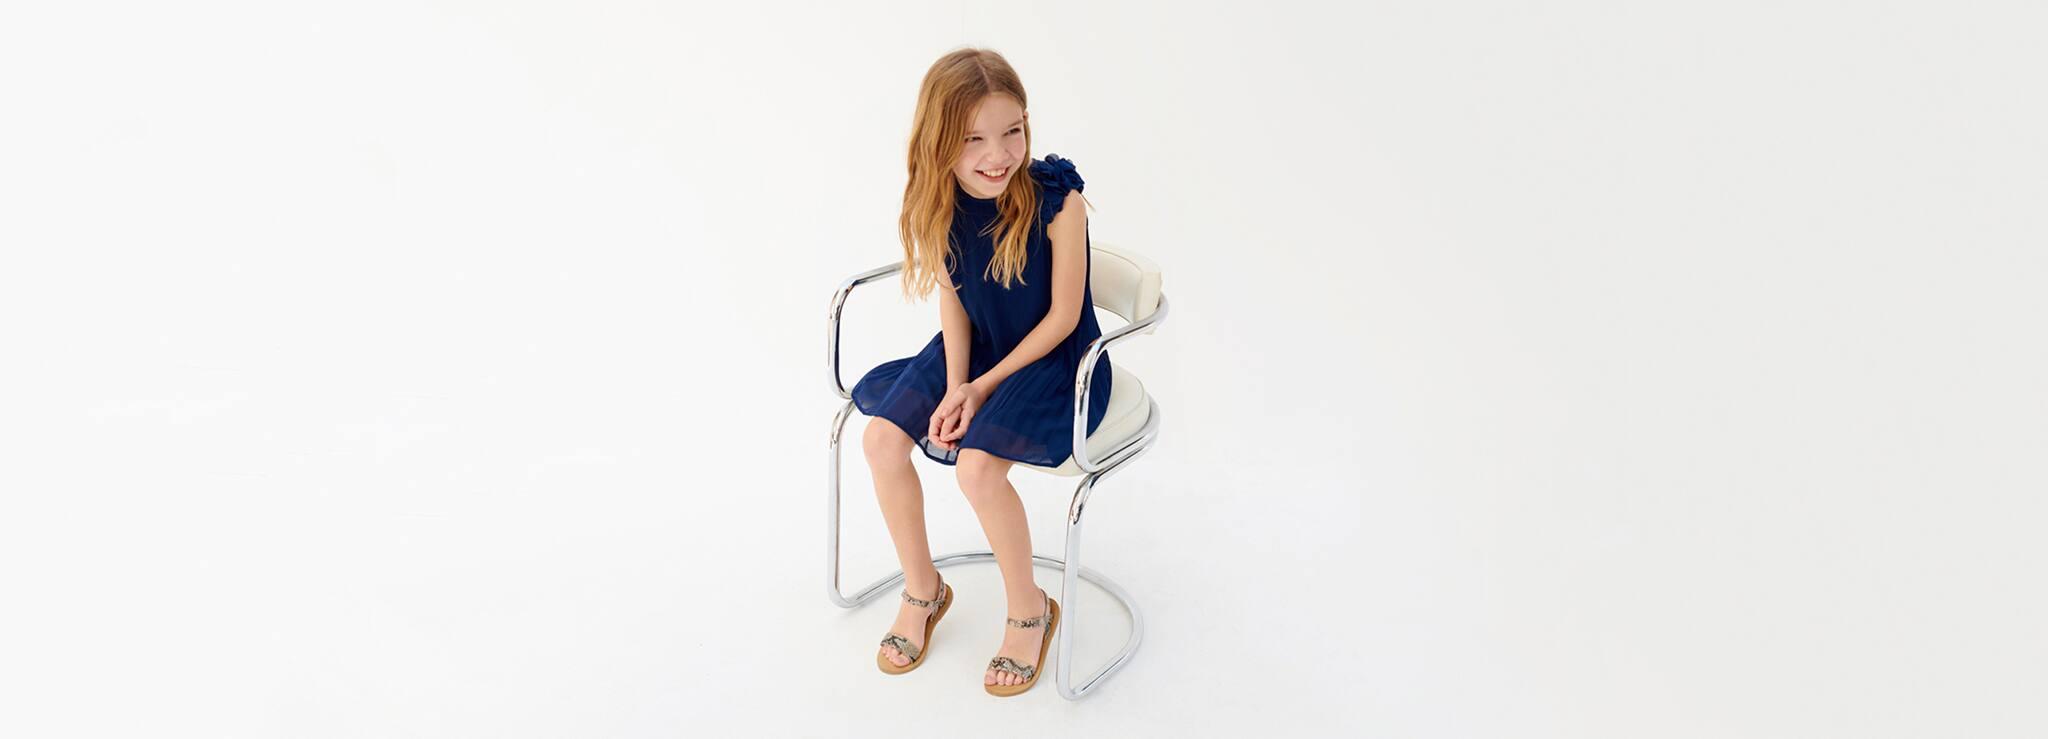 b64dc2dbca10 Mode för Flicka 2019 | Mango Kids Sverige